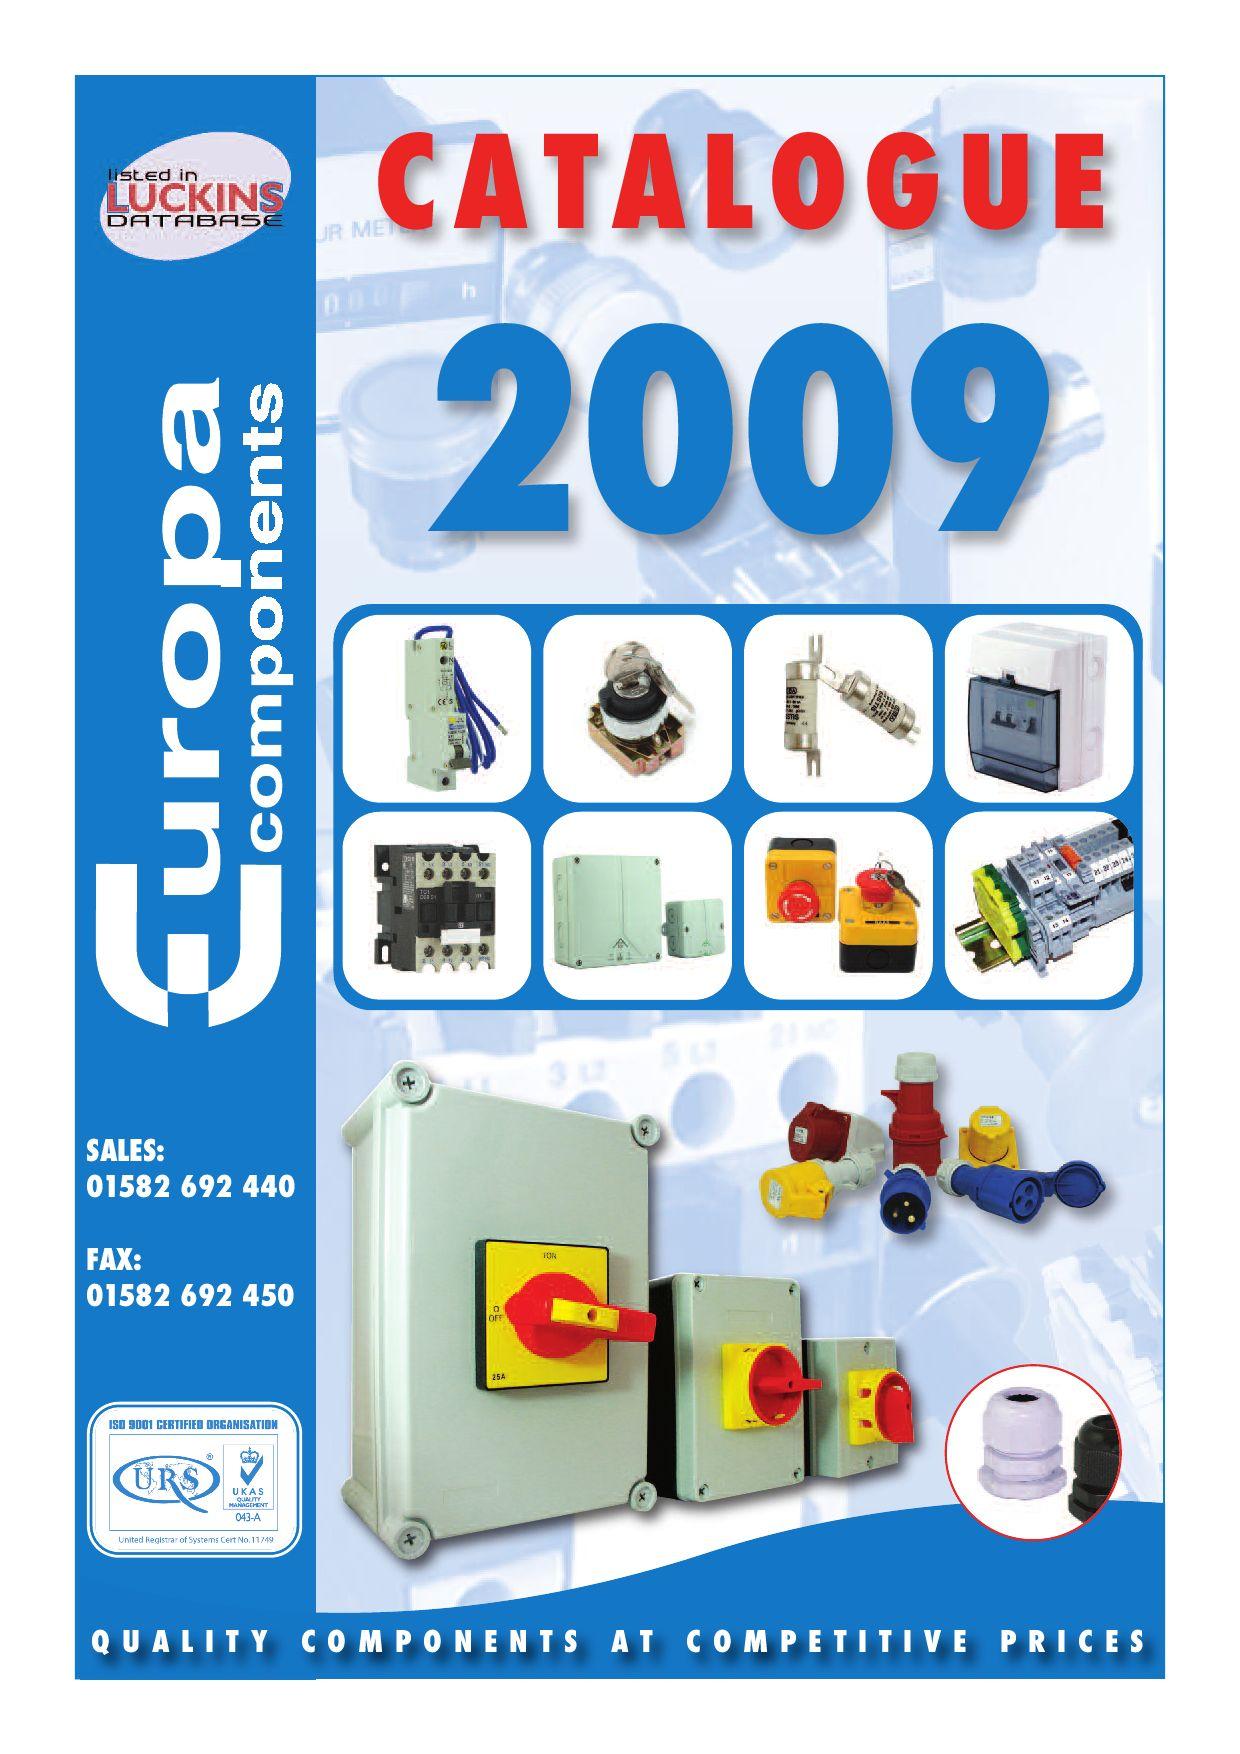 Europa Components TC1-D25004P7 Contactor 25A 11KW 4-pole 230V